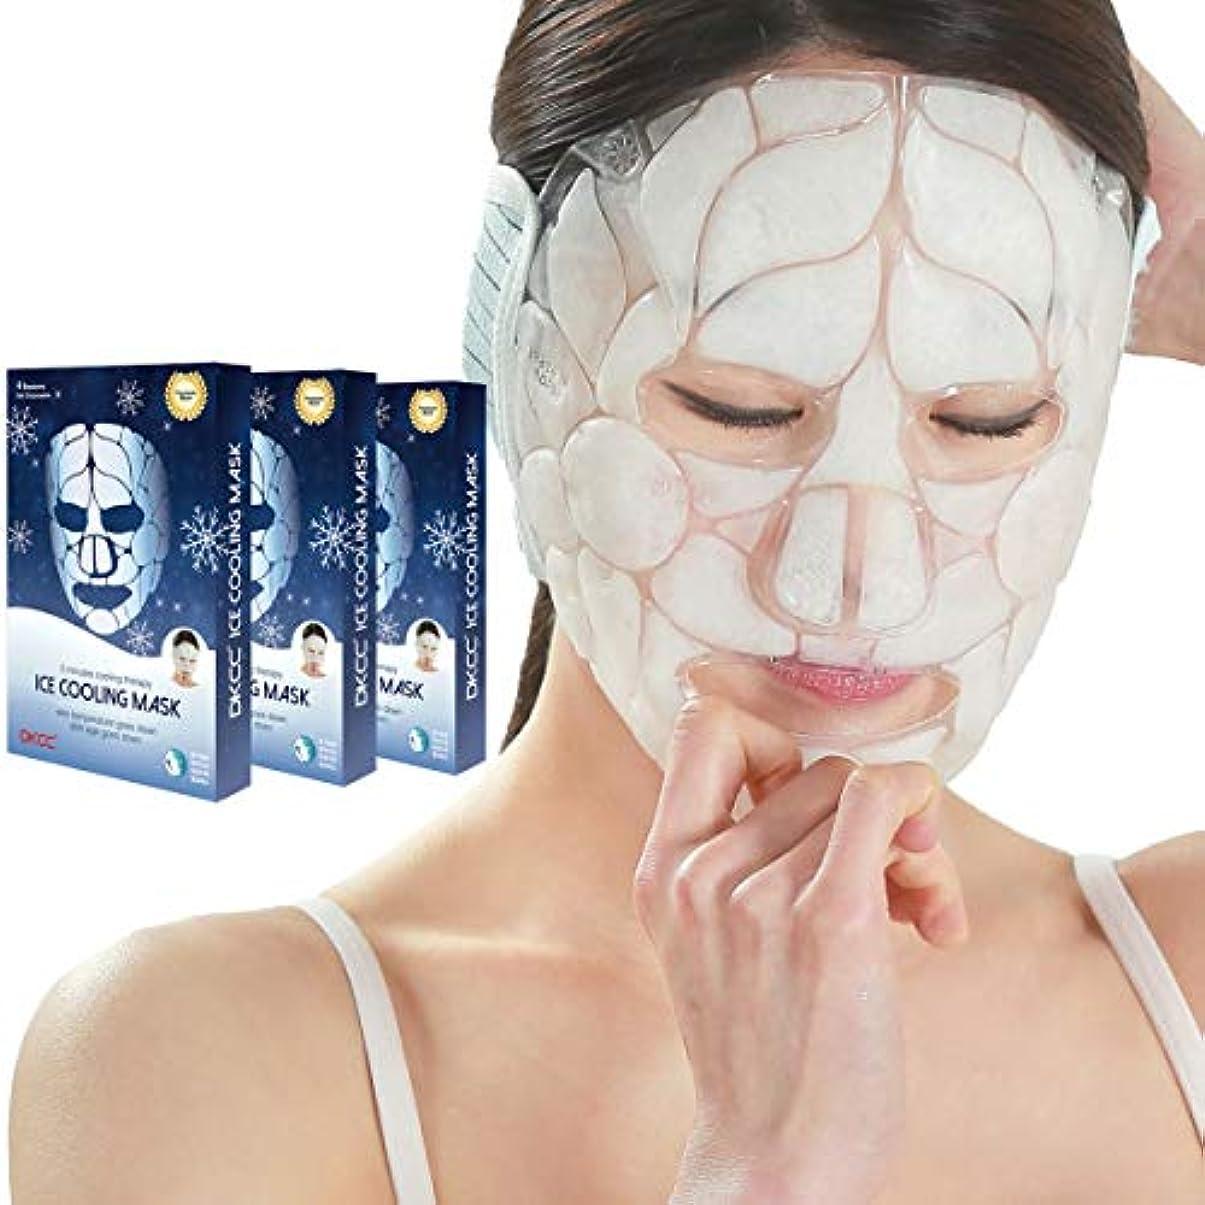 効果的にすきコーラスDKCC アイスクーリングマスク